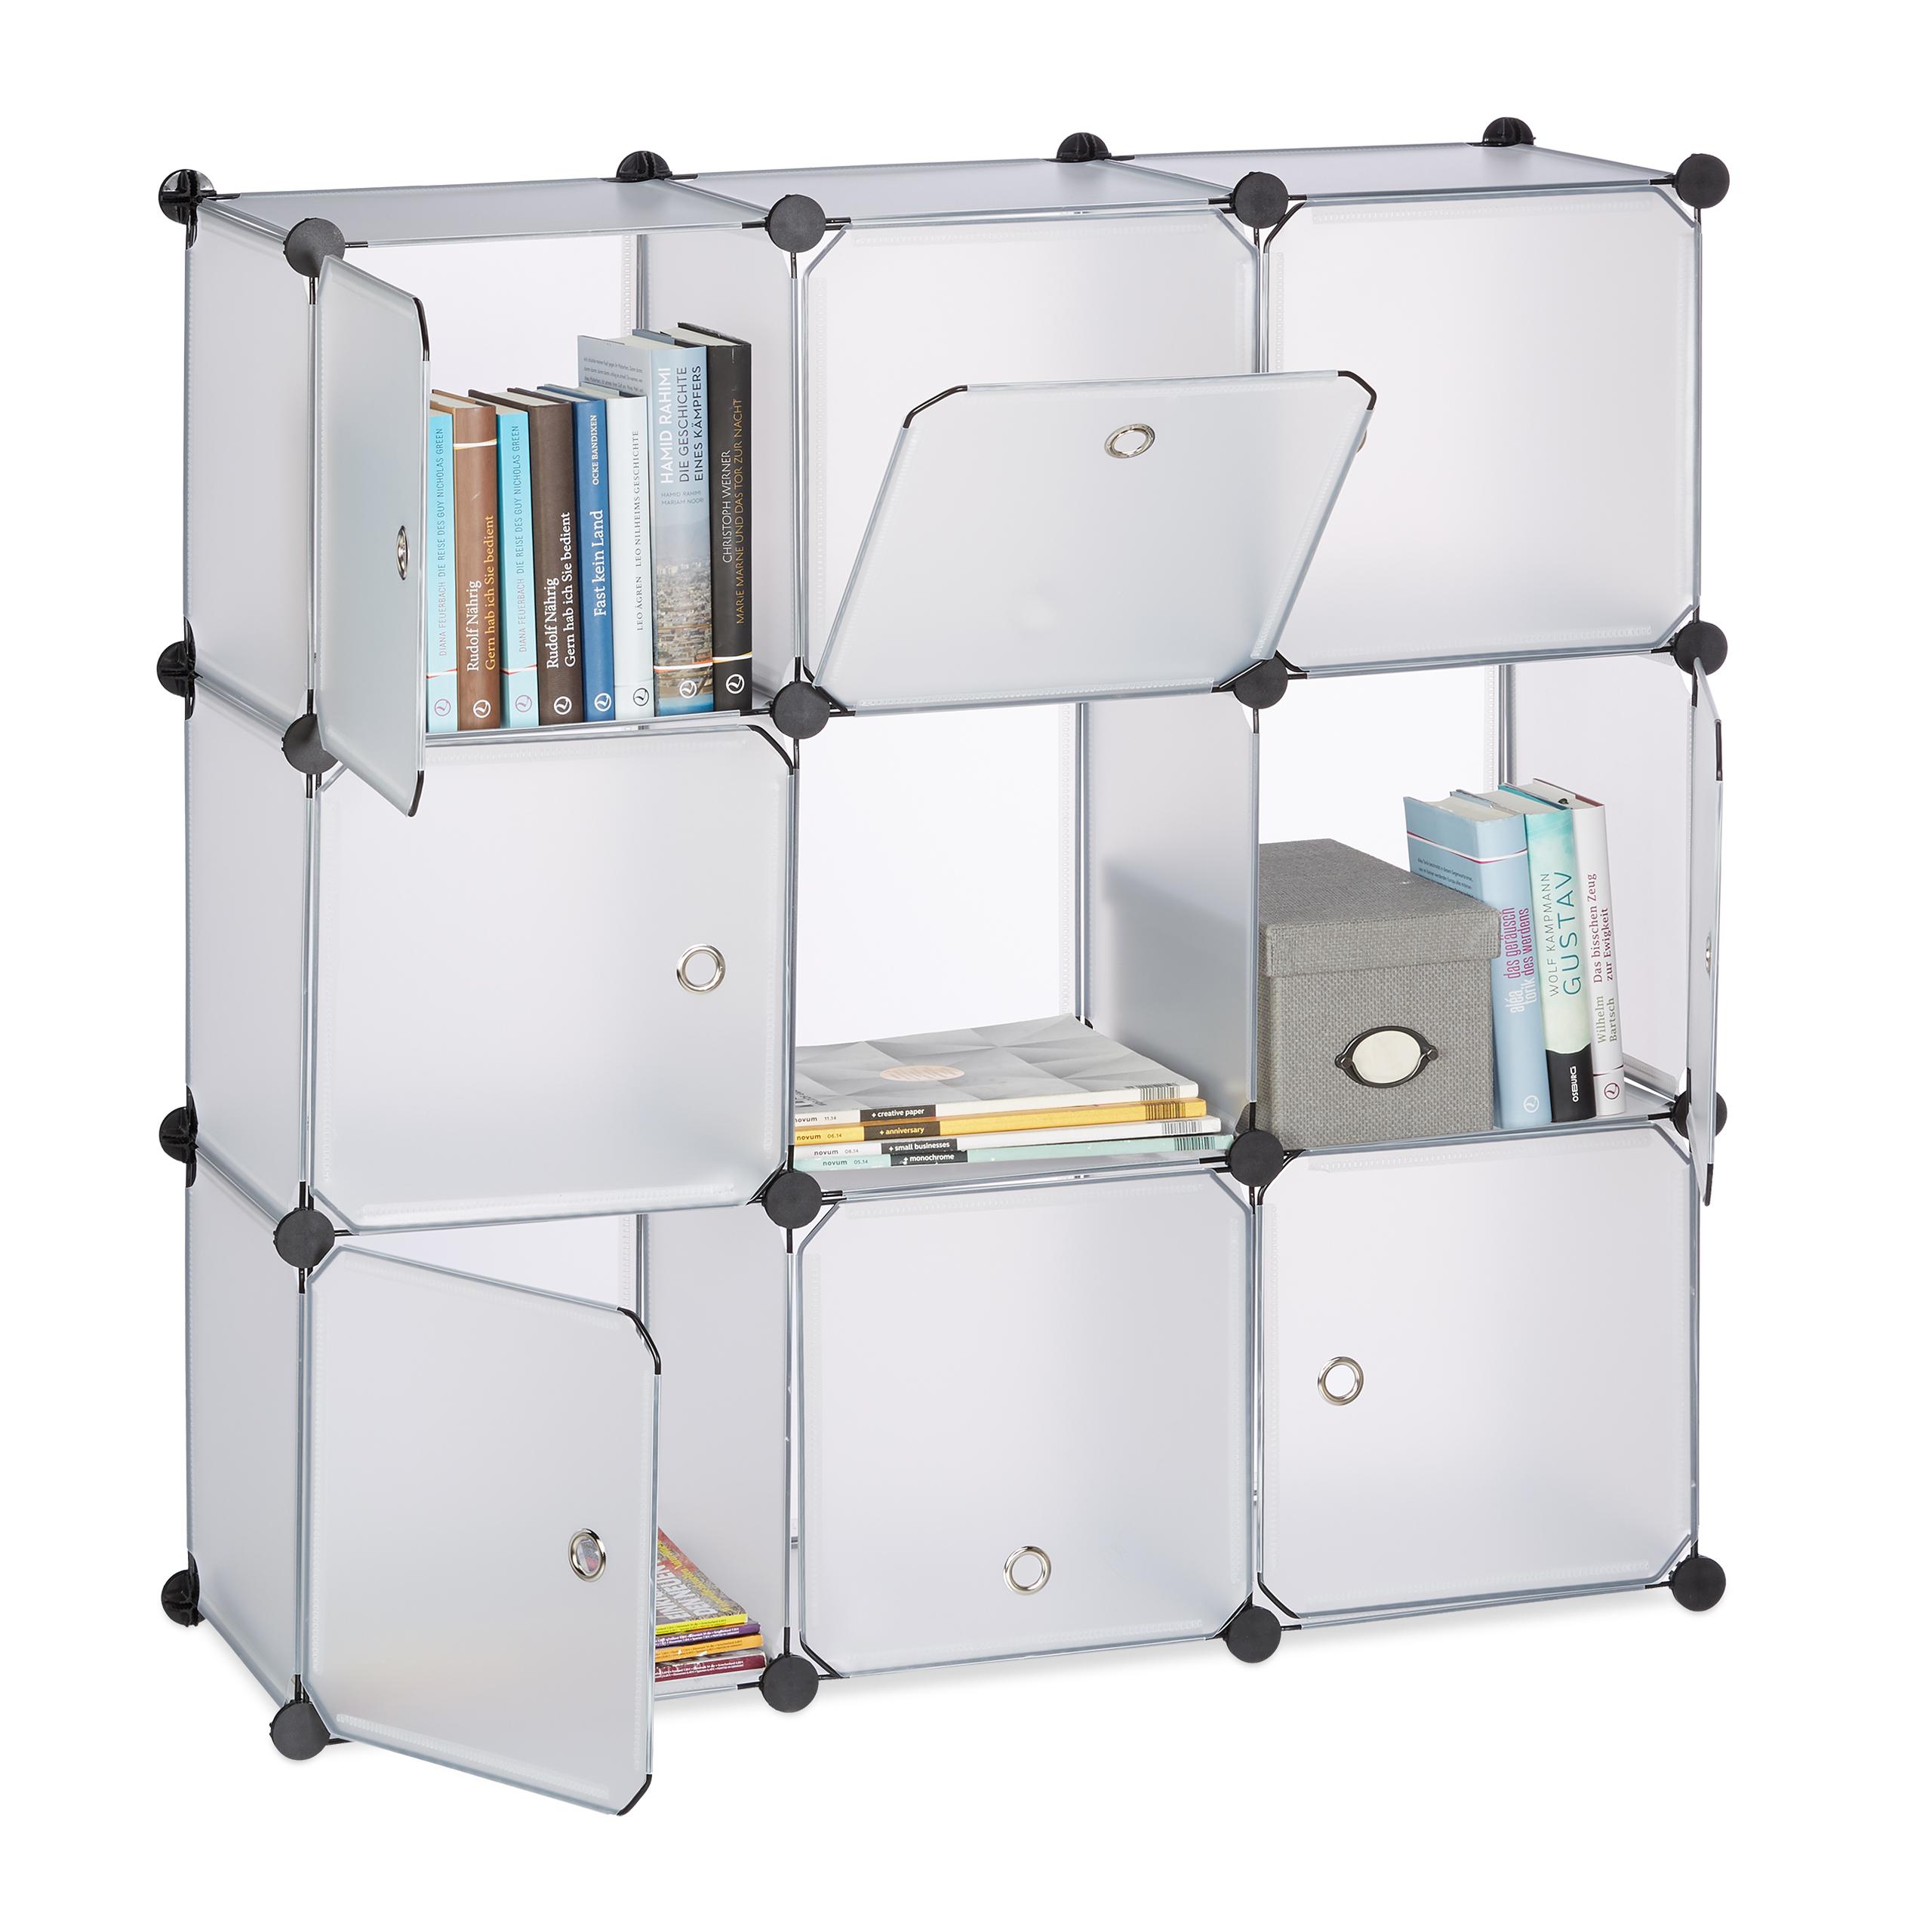 Estanteria-modular-con-puertas-9-compartimentos-Negro-Blanco-o-Transparente